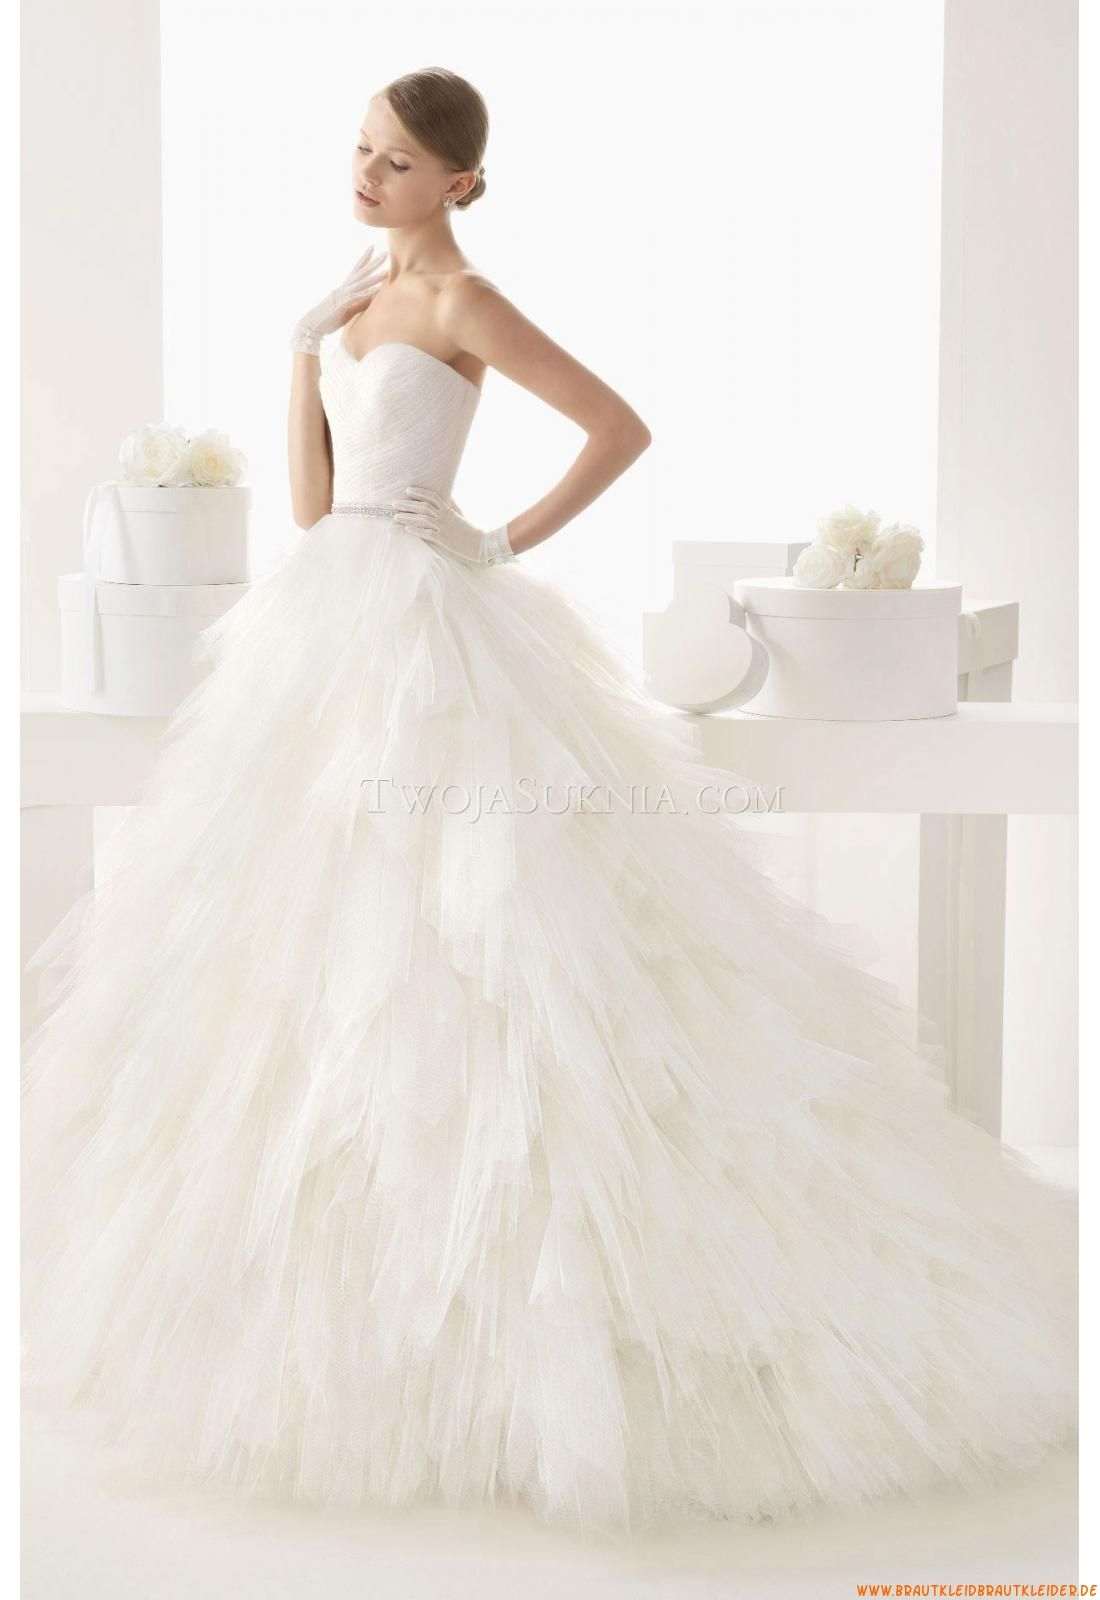 Feder Brautkleider 2014 | Hochzeit | Pinterest | Quill, Brautkleider ...